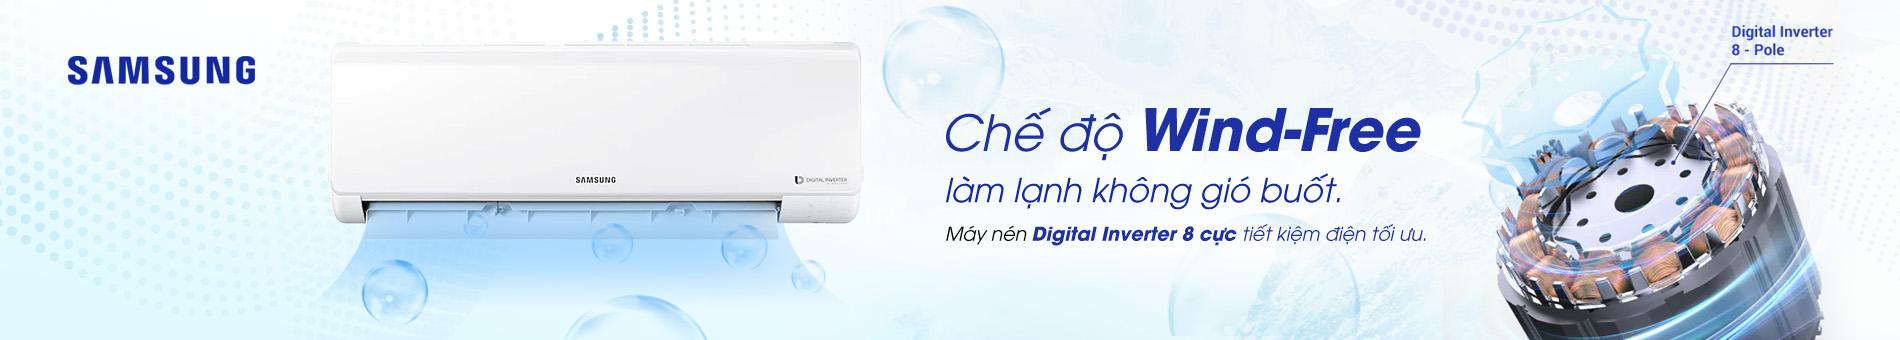 Máy lạnh Panasonic - Điều hòa samsung